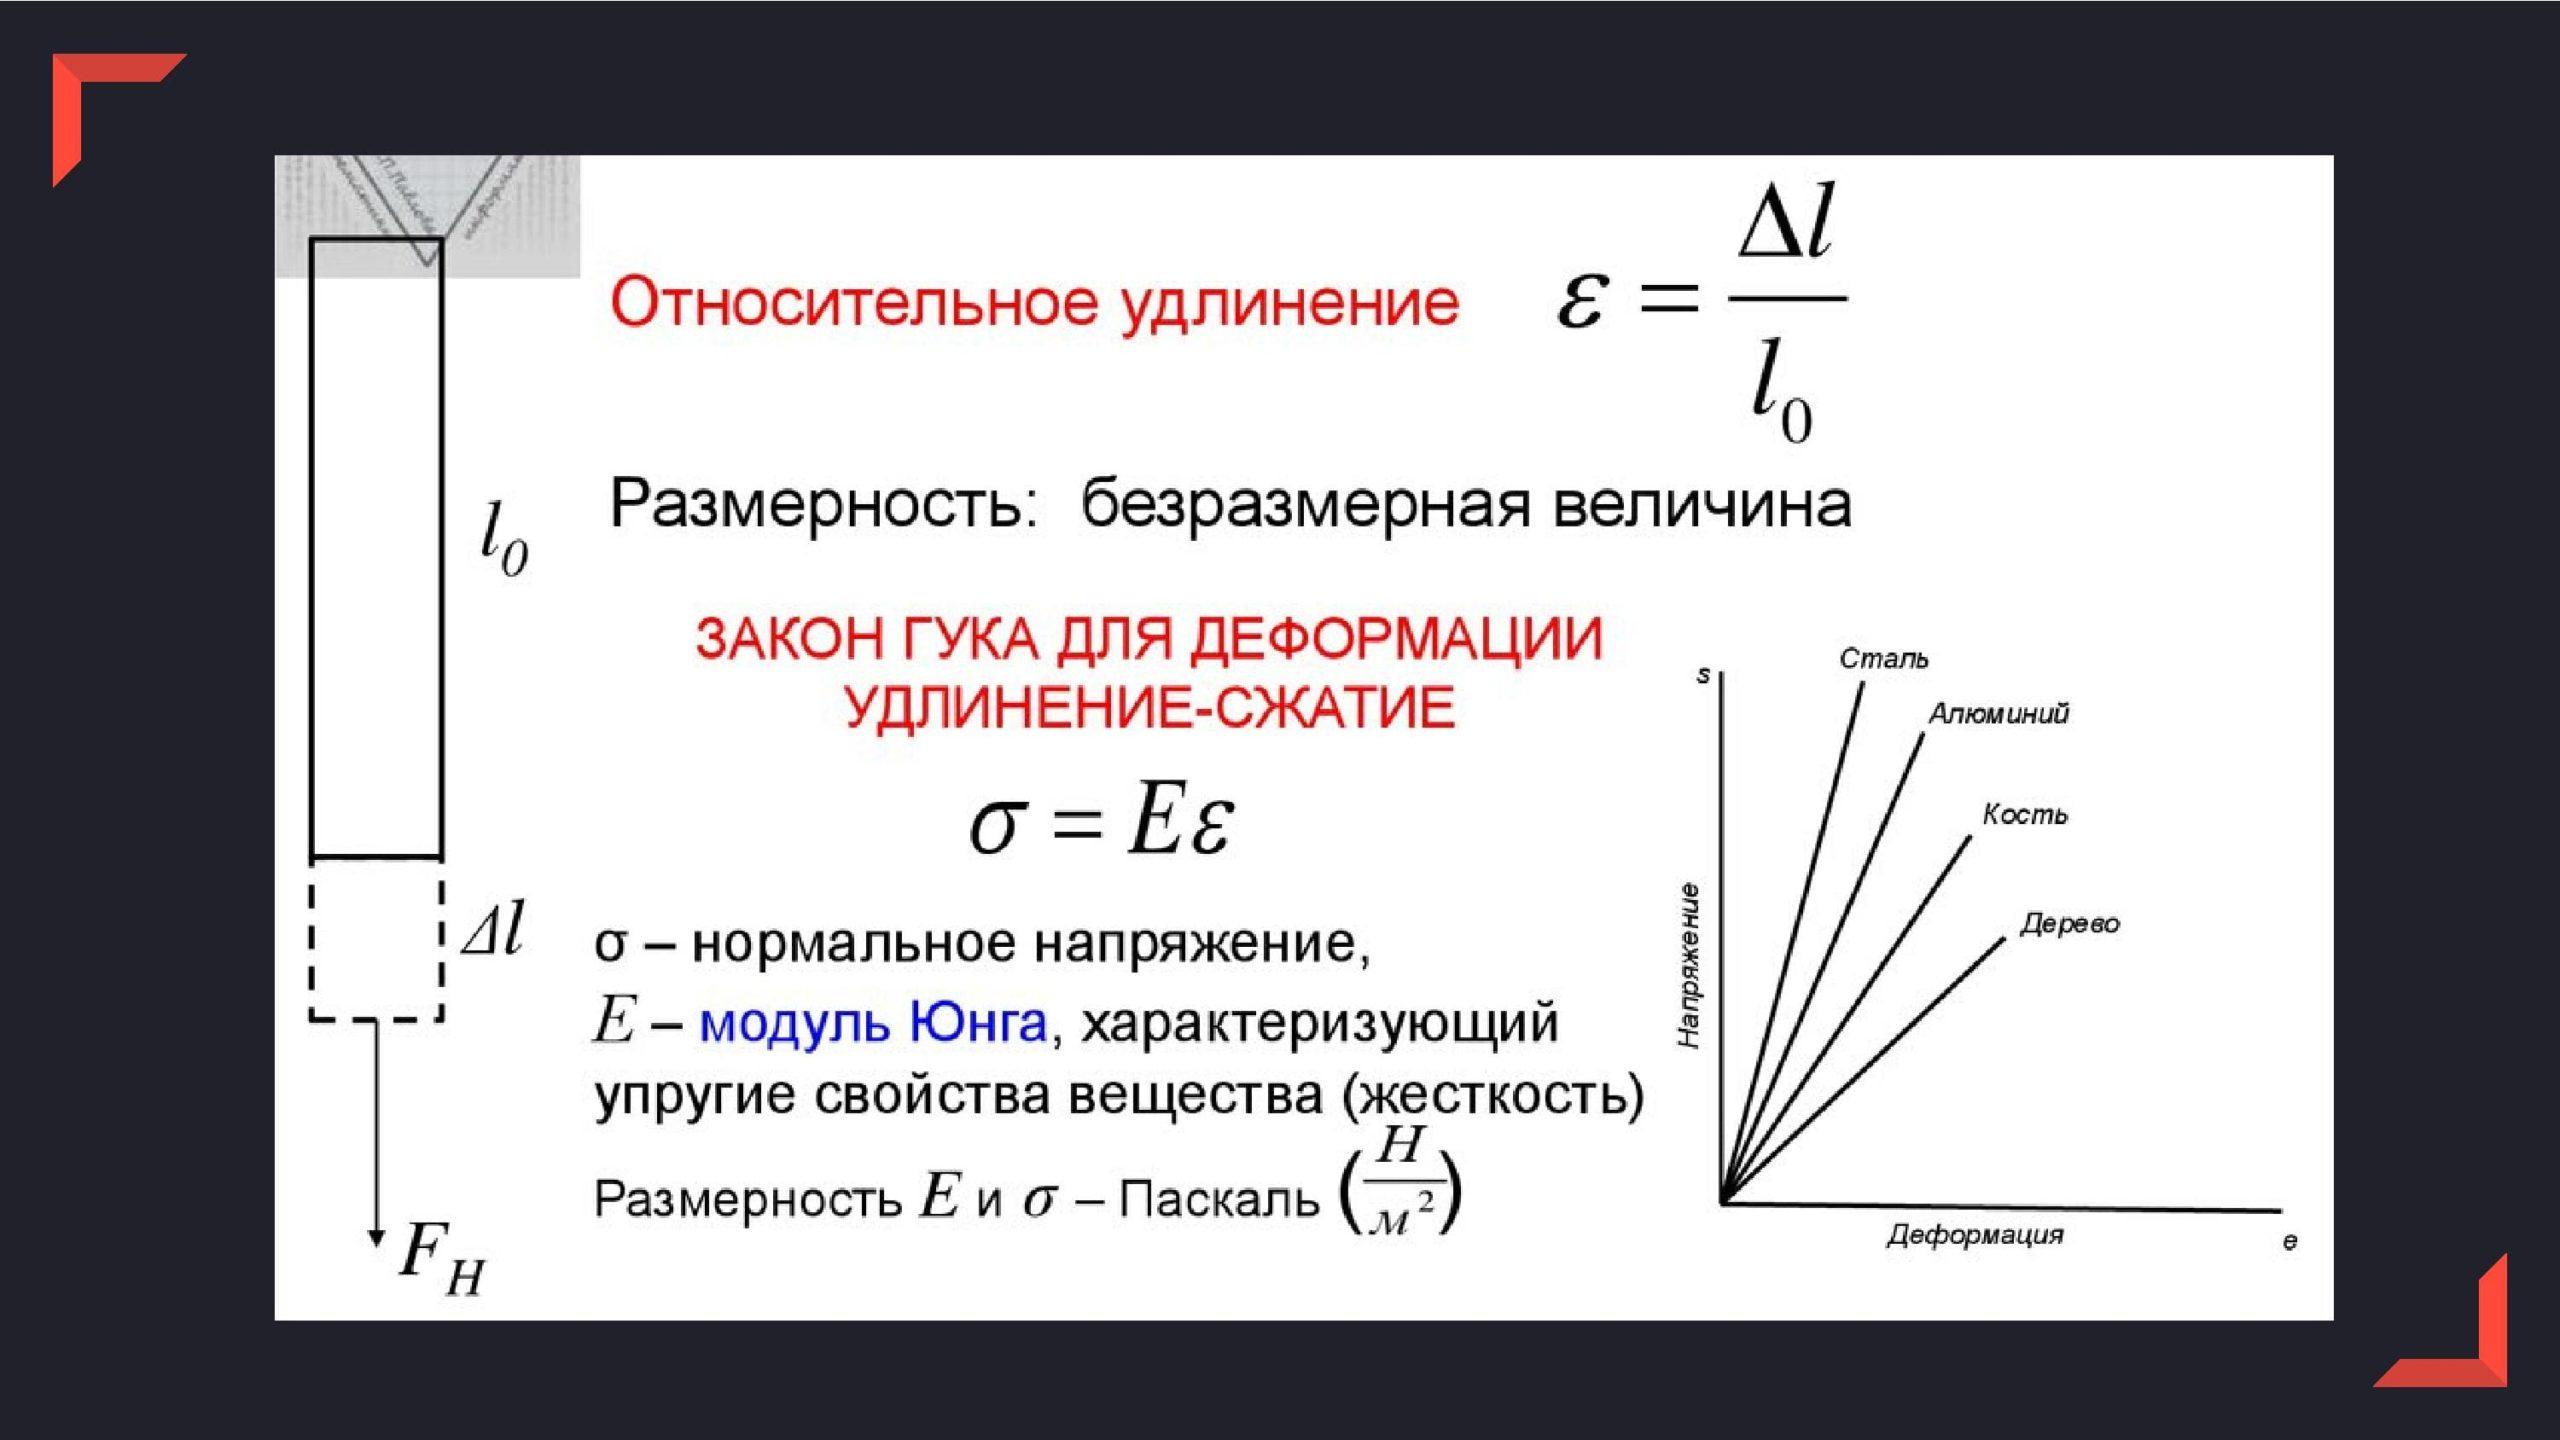 Относительное удлинение. Закон Гука для деформации удлинение-сжатие